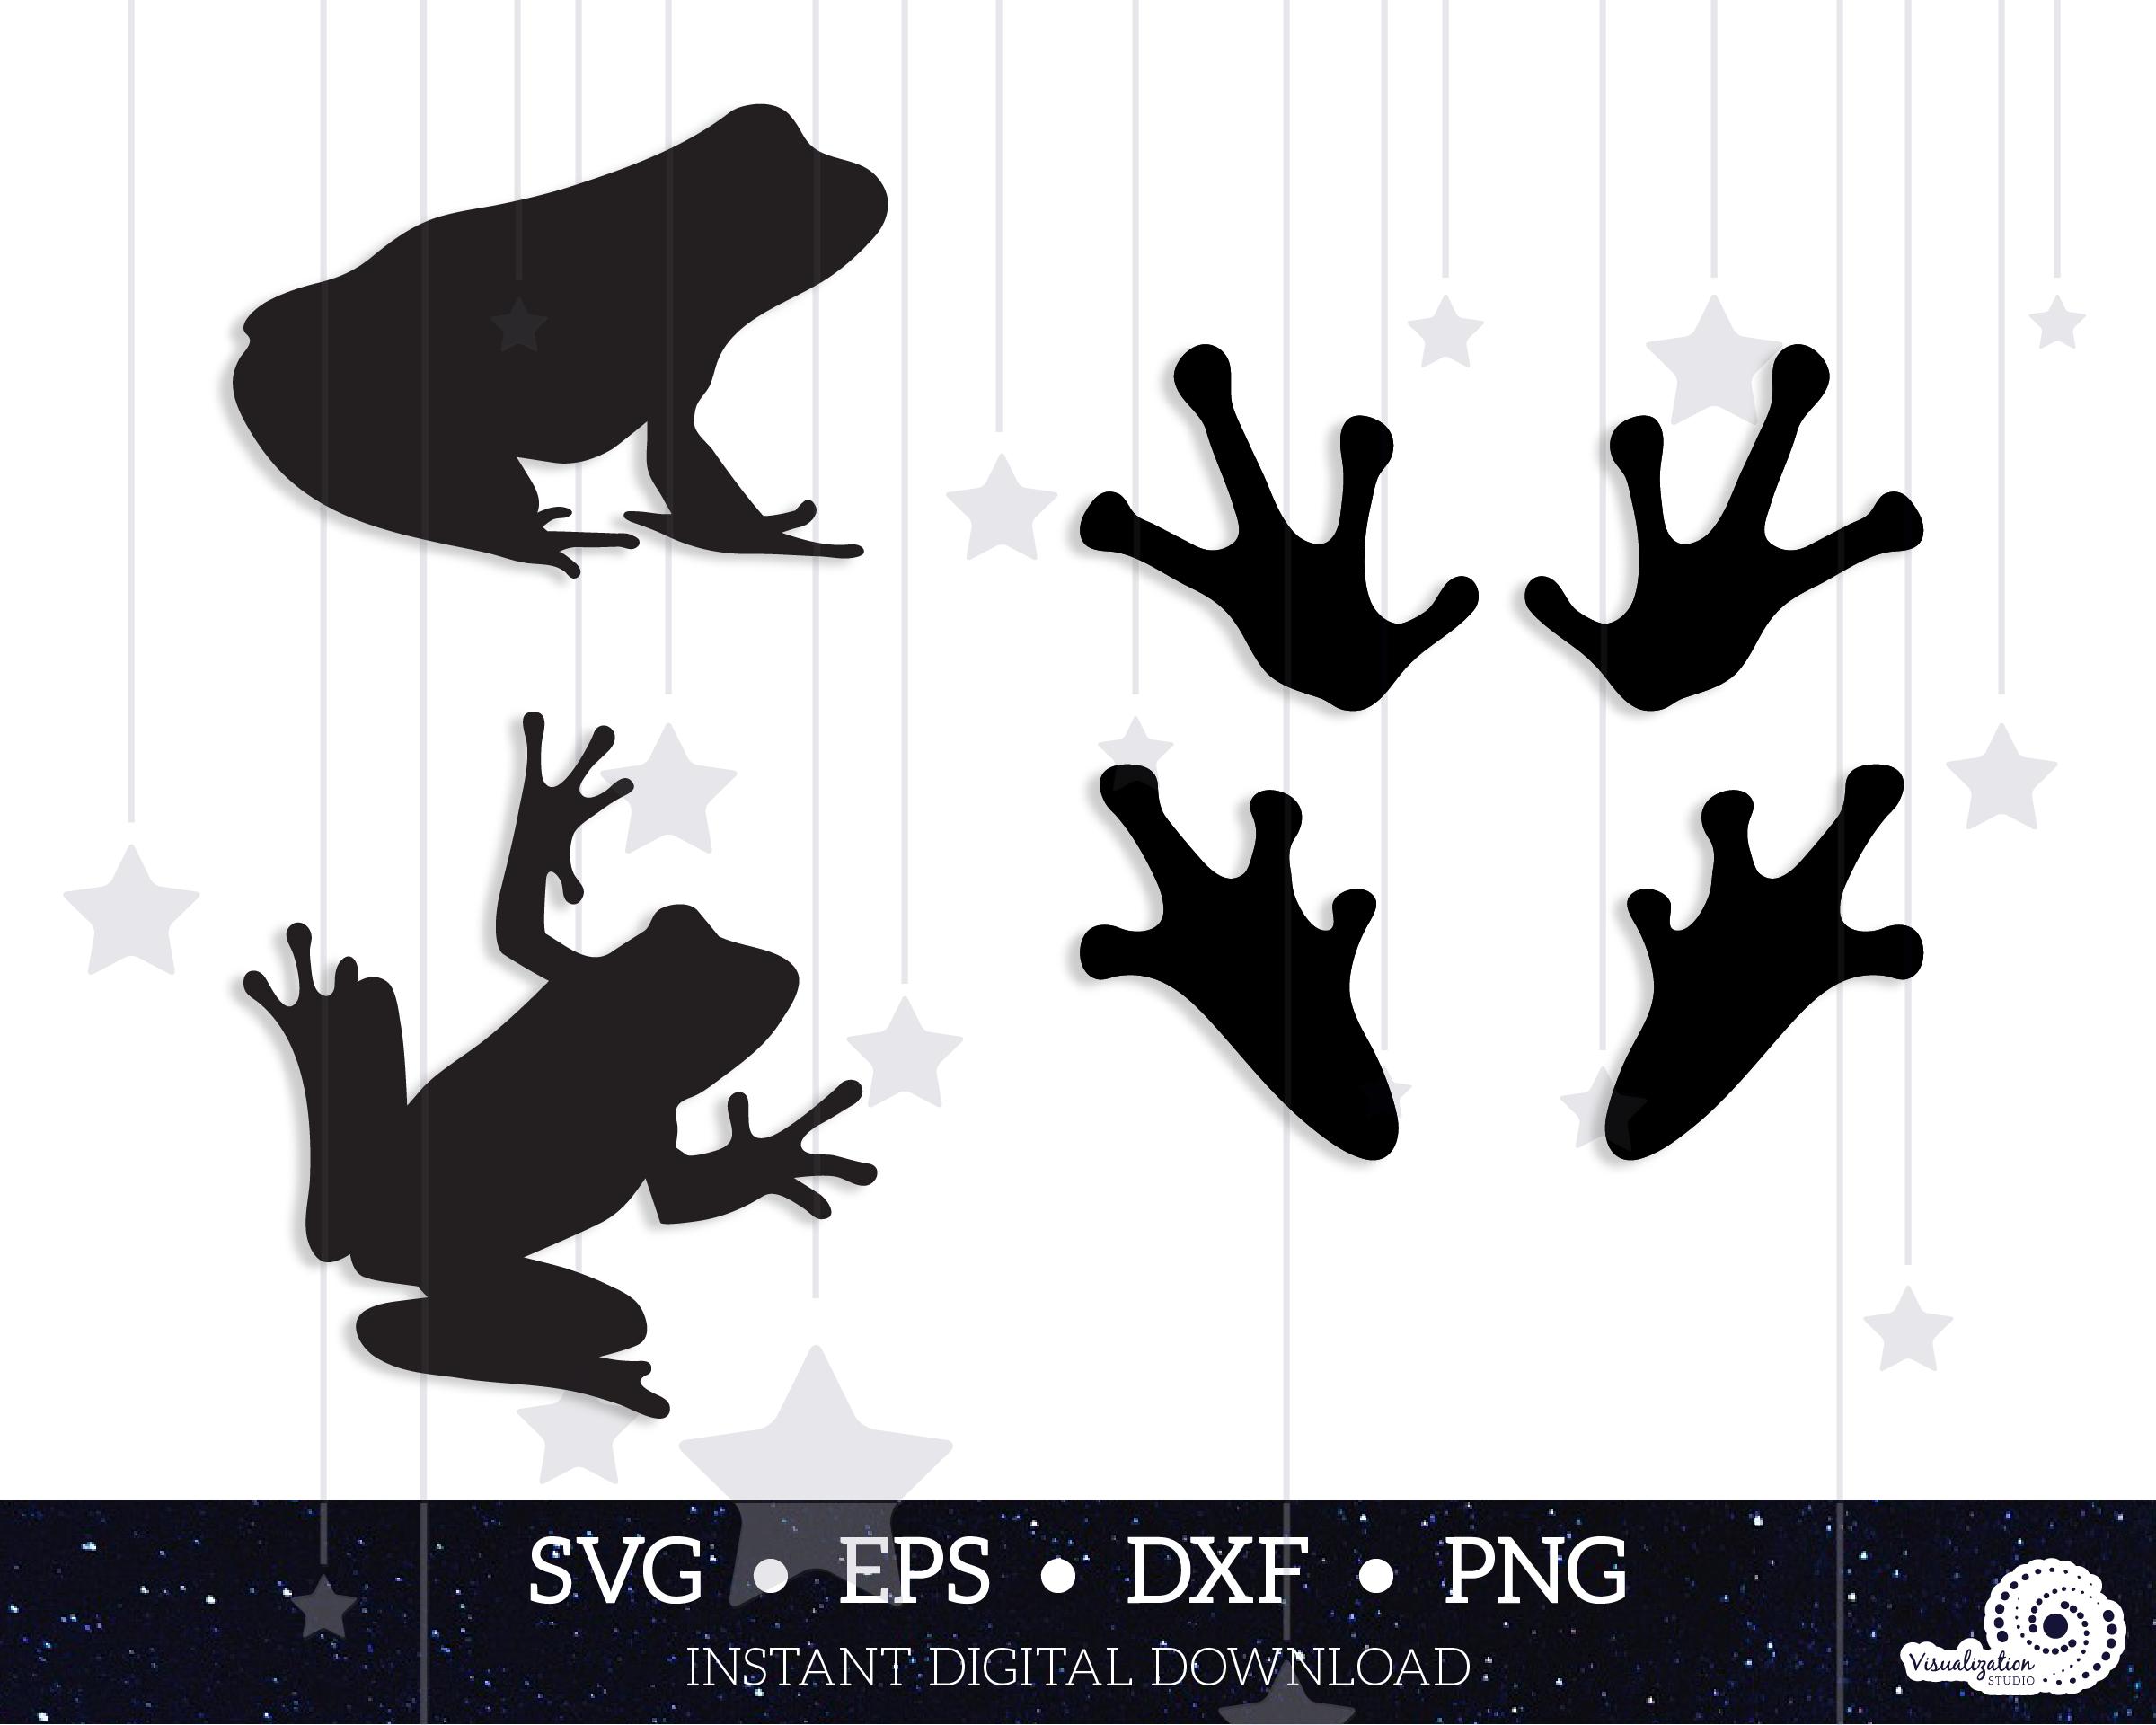 Frog Silhouettes Vector Set INSTANT DIGITAL DOWNLOAD svg